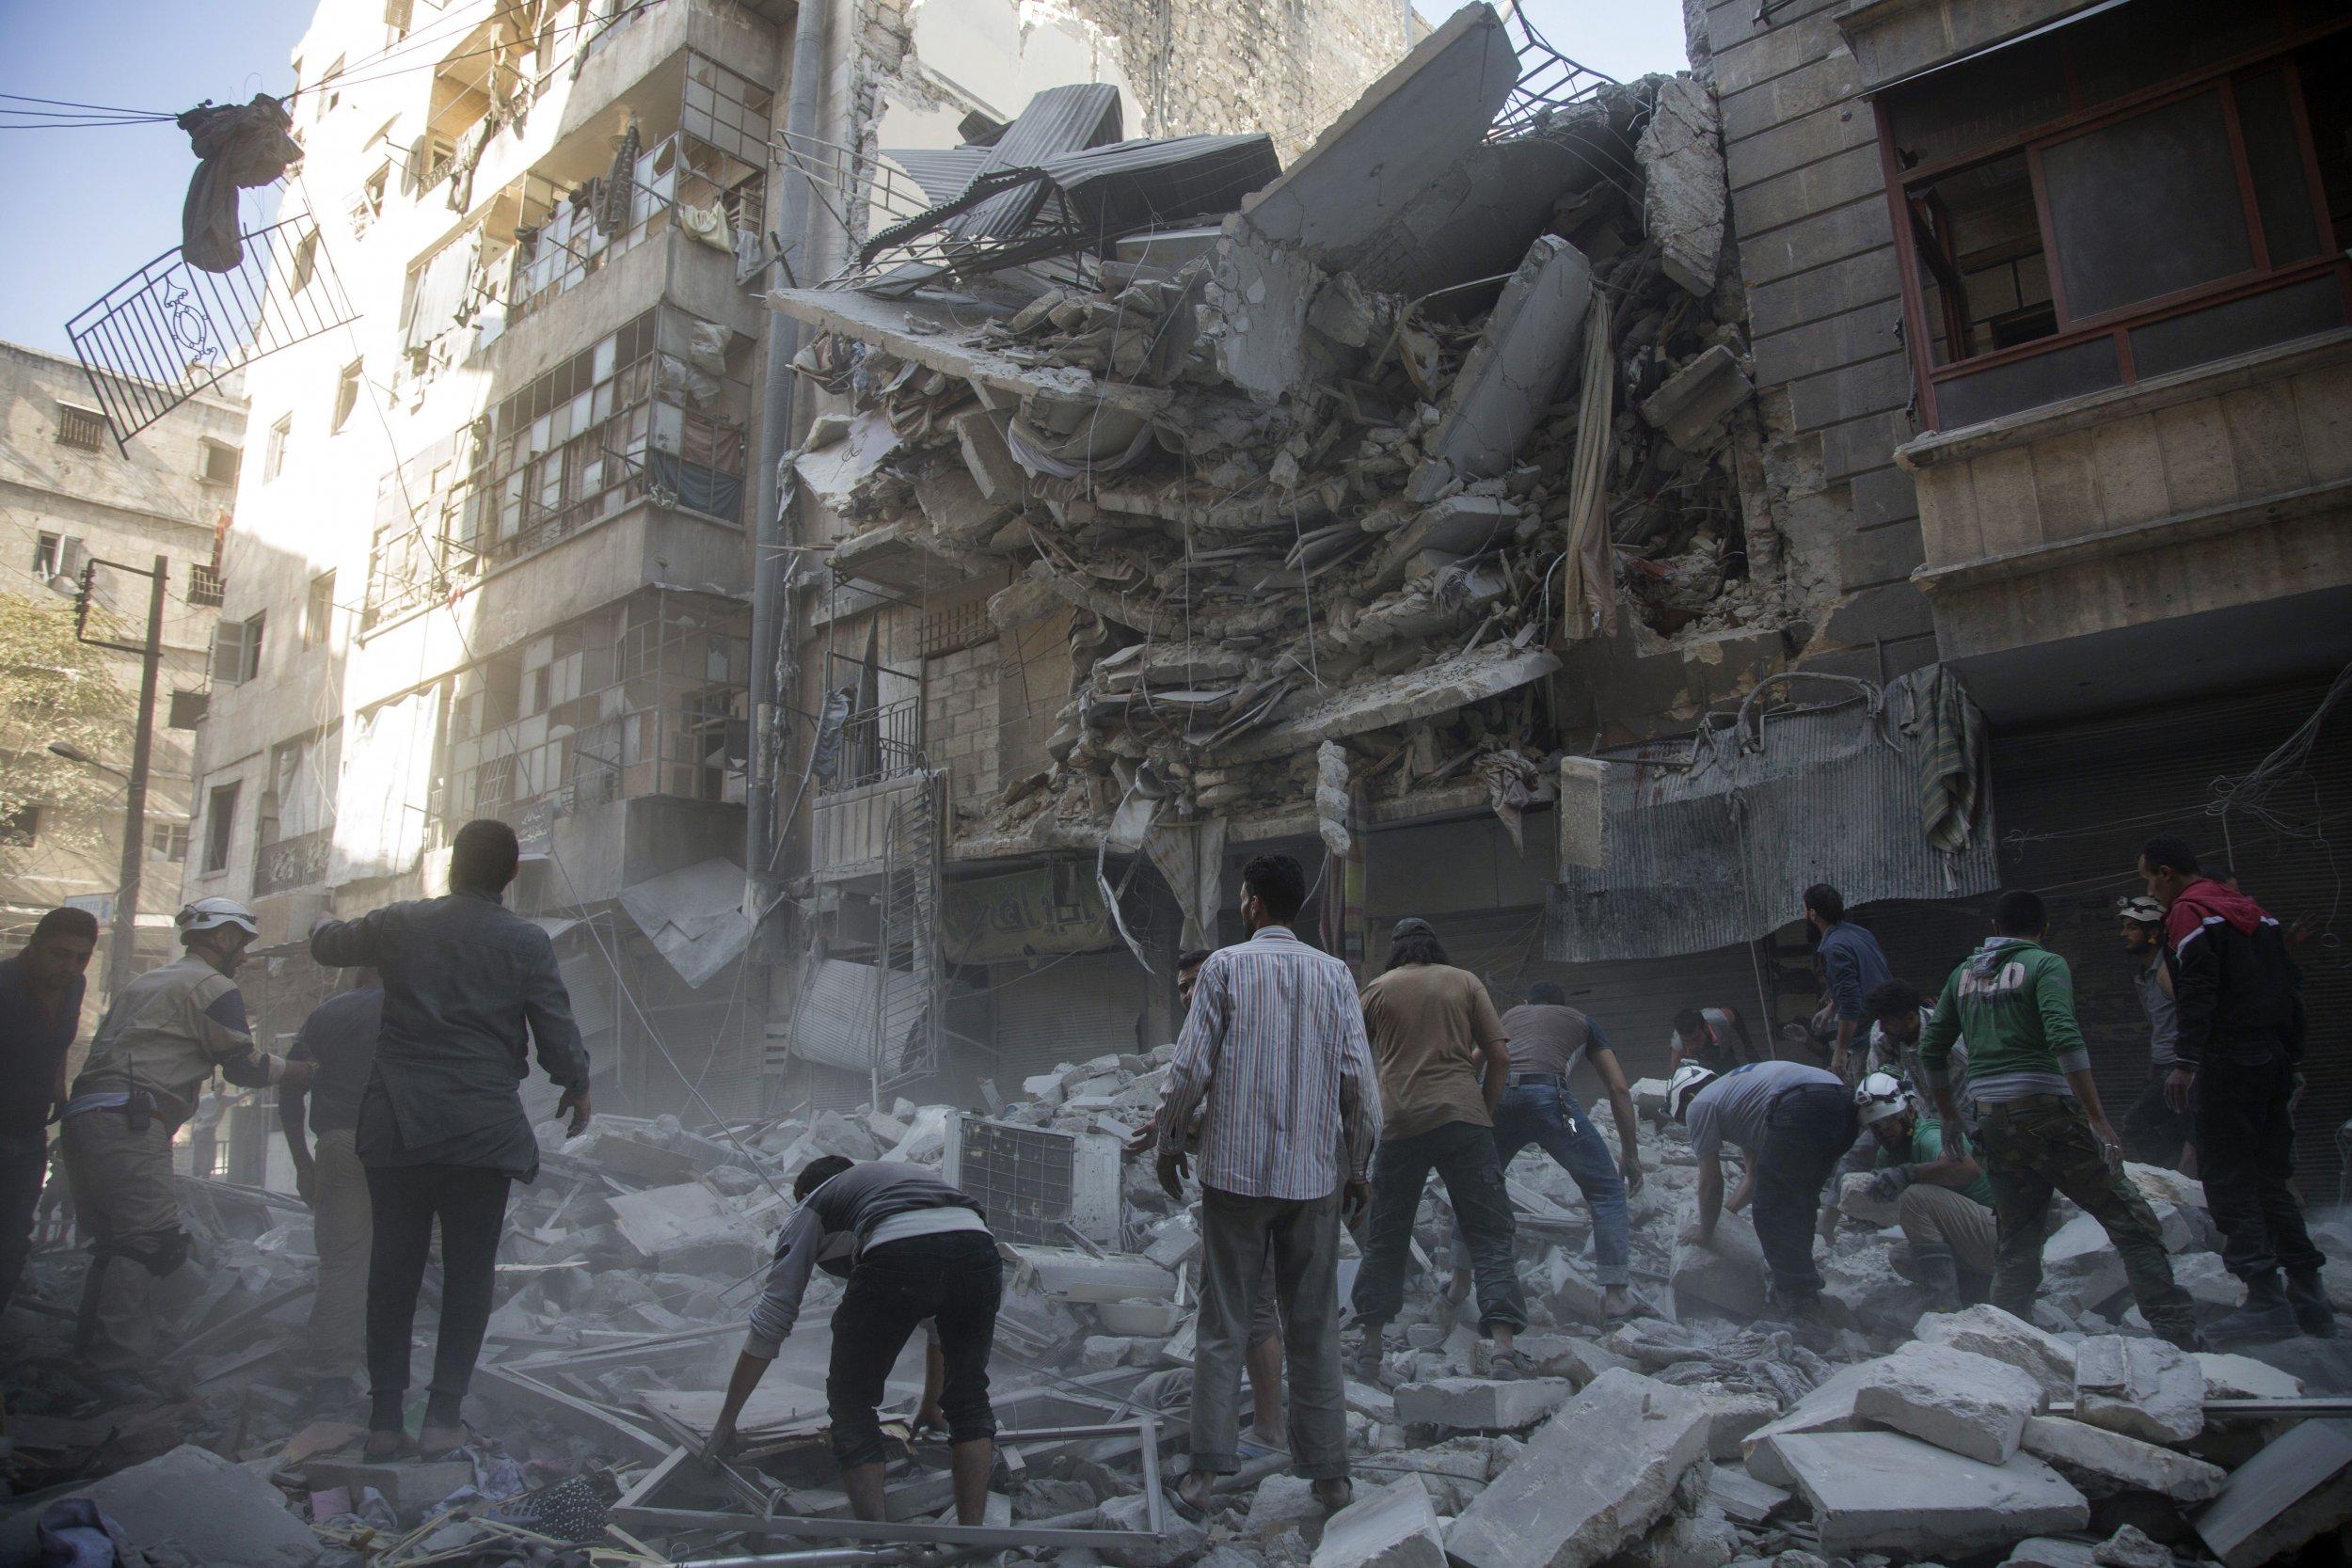 Aleppo air strikes